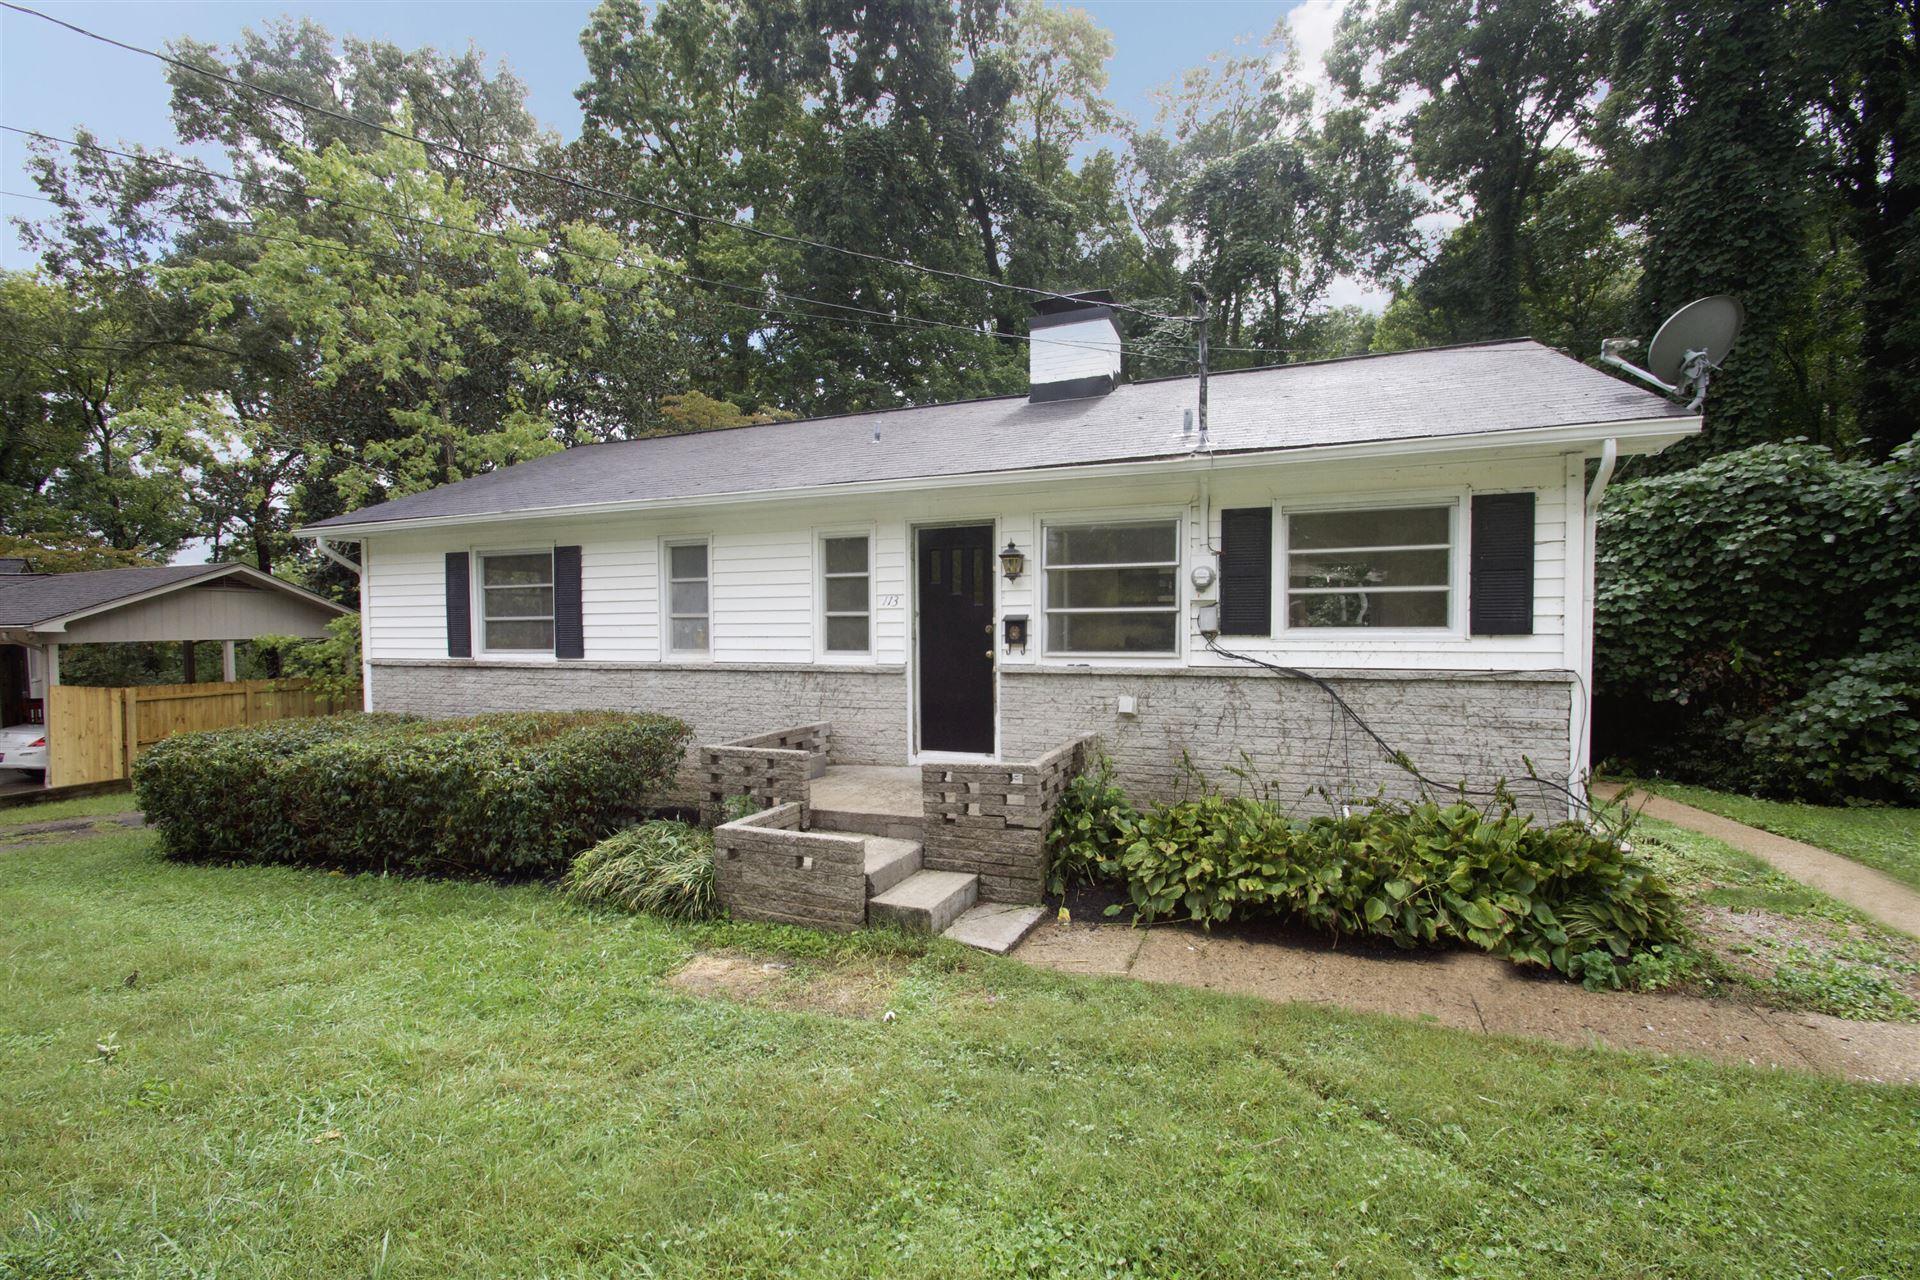 Photo of 113 Decatur Rd, Oak Ridge, TN 37830 (MLS # 1167342)